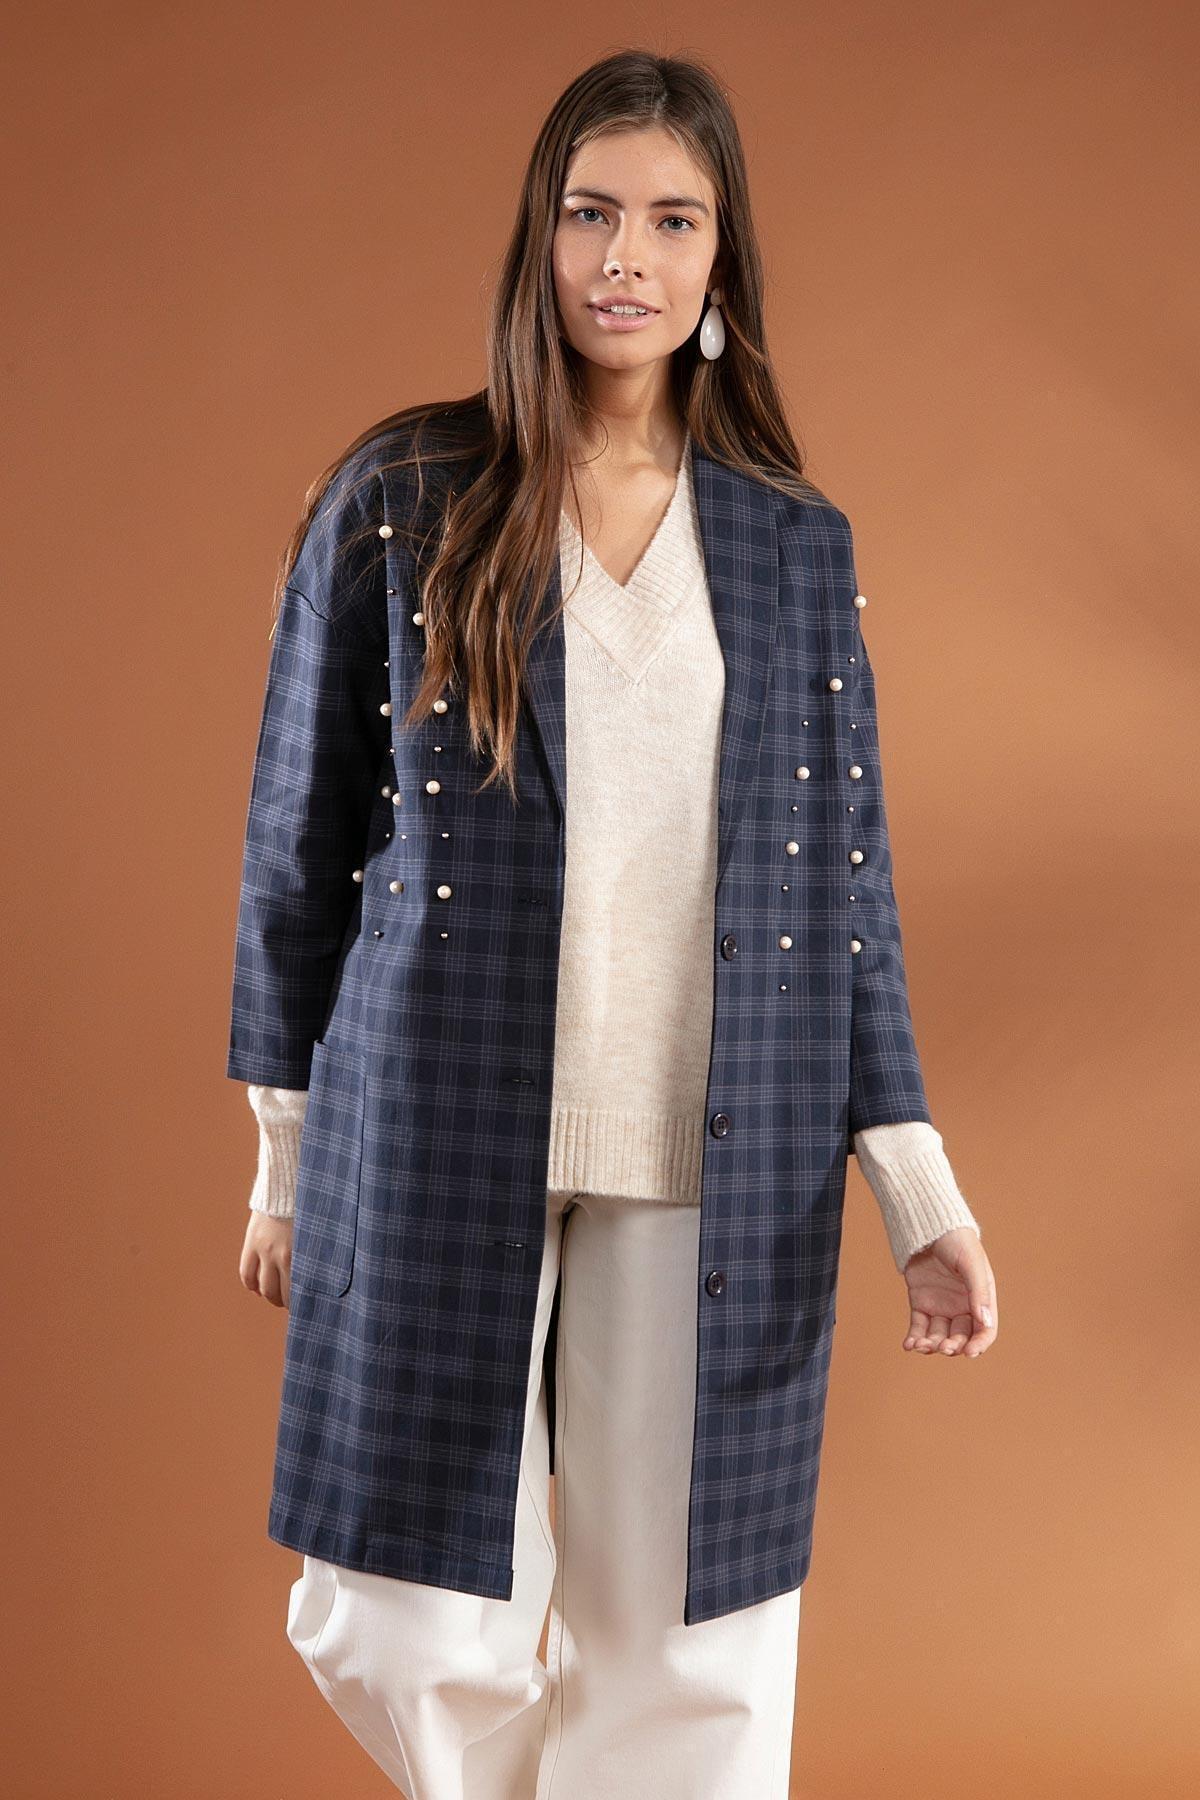 Y-London Kadın Ekose Desenli İnci İşlemeli Ceket 3921 1